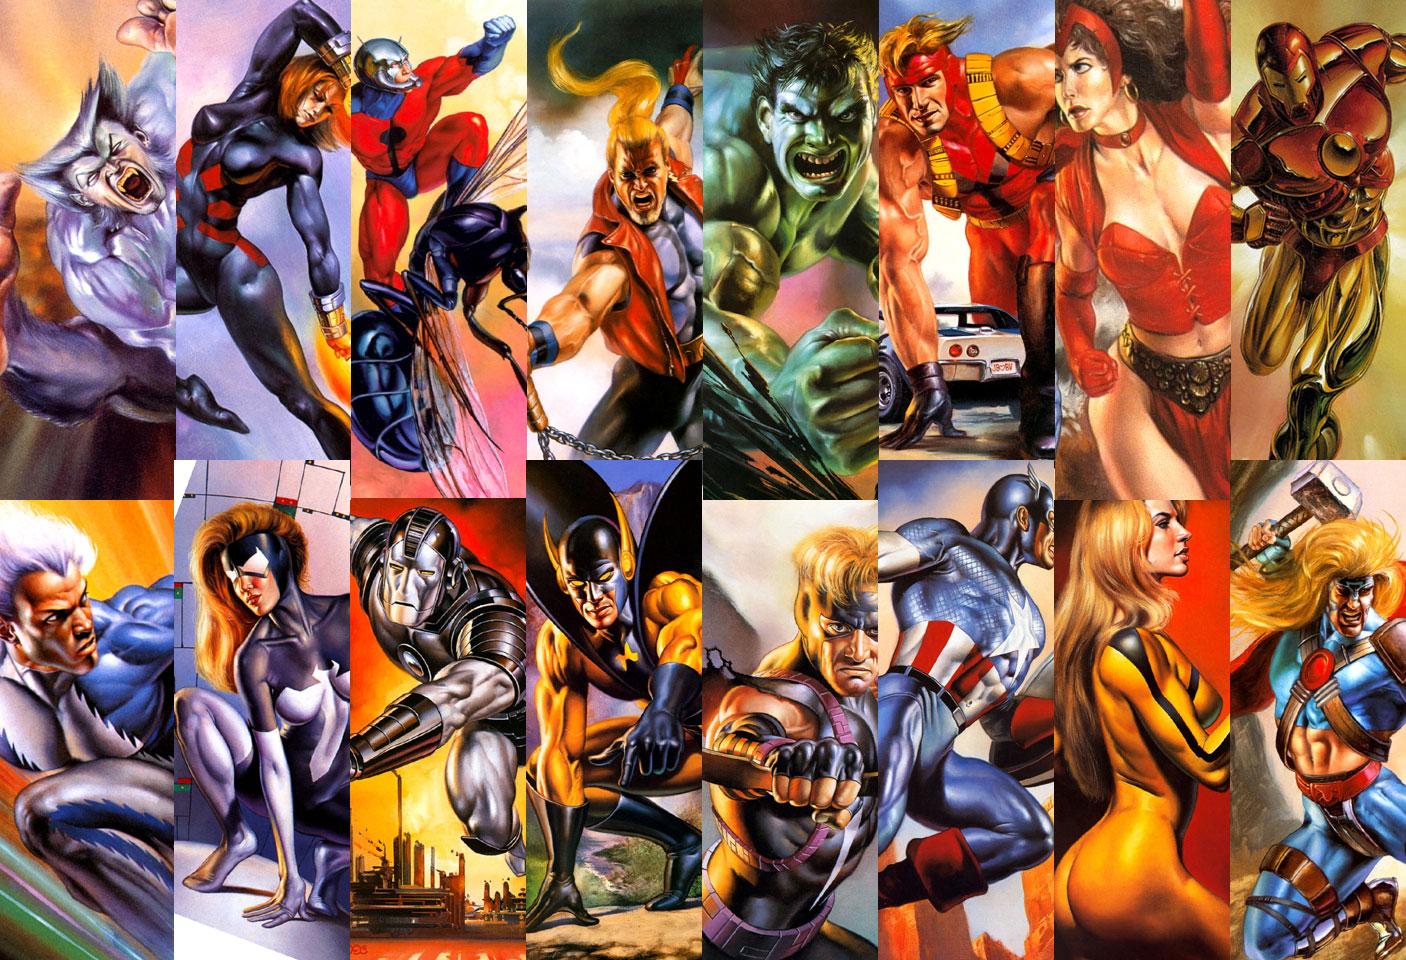 http://3.bp.blogspot.com/-zJaHy-p0IRo/TwLEq2FHpnI/AAAAAAAABuM/6LCEZI82RL4/s1600/heroes.jpg